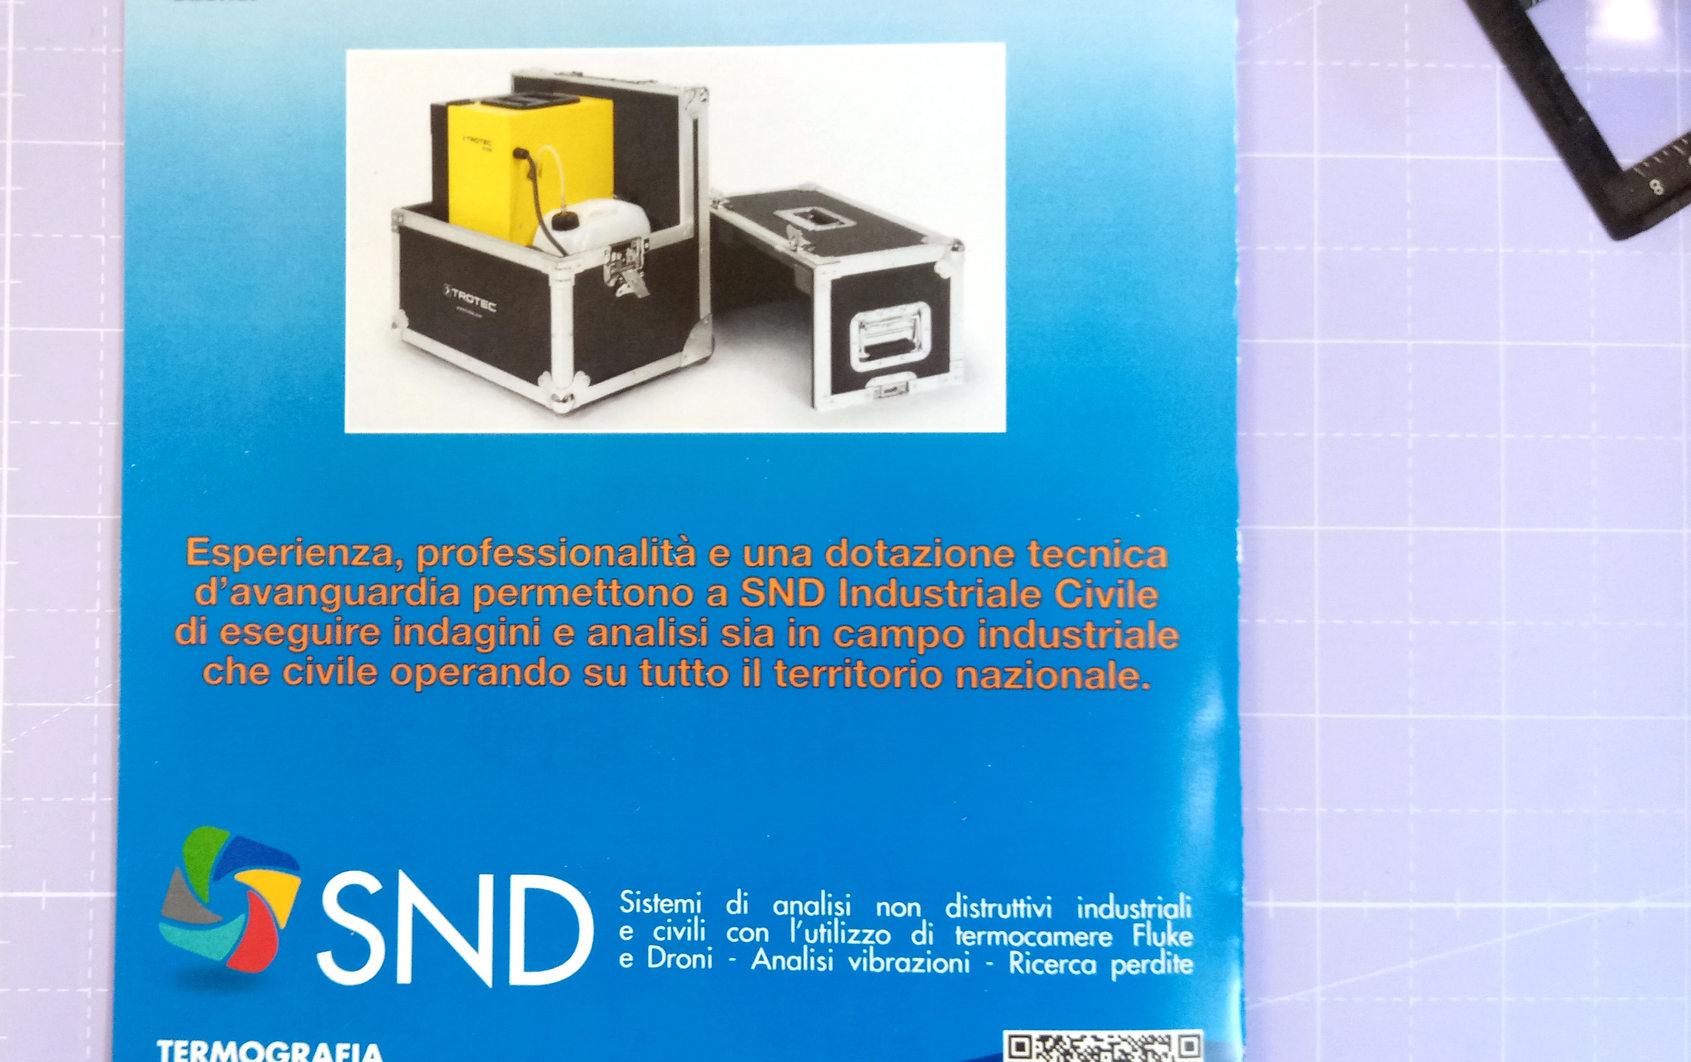 particolare del retro volantino SND Industrial e Civile